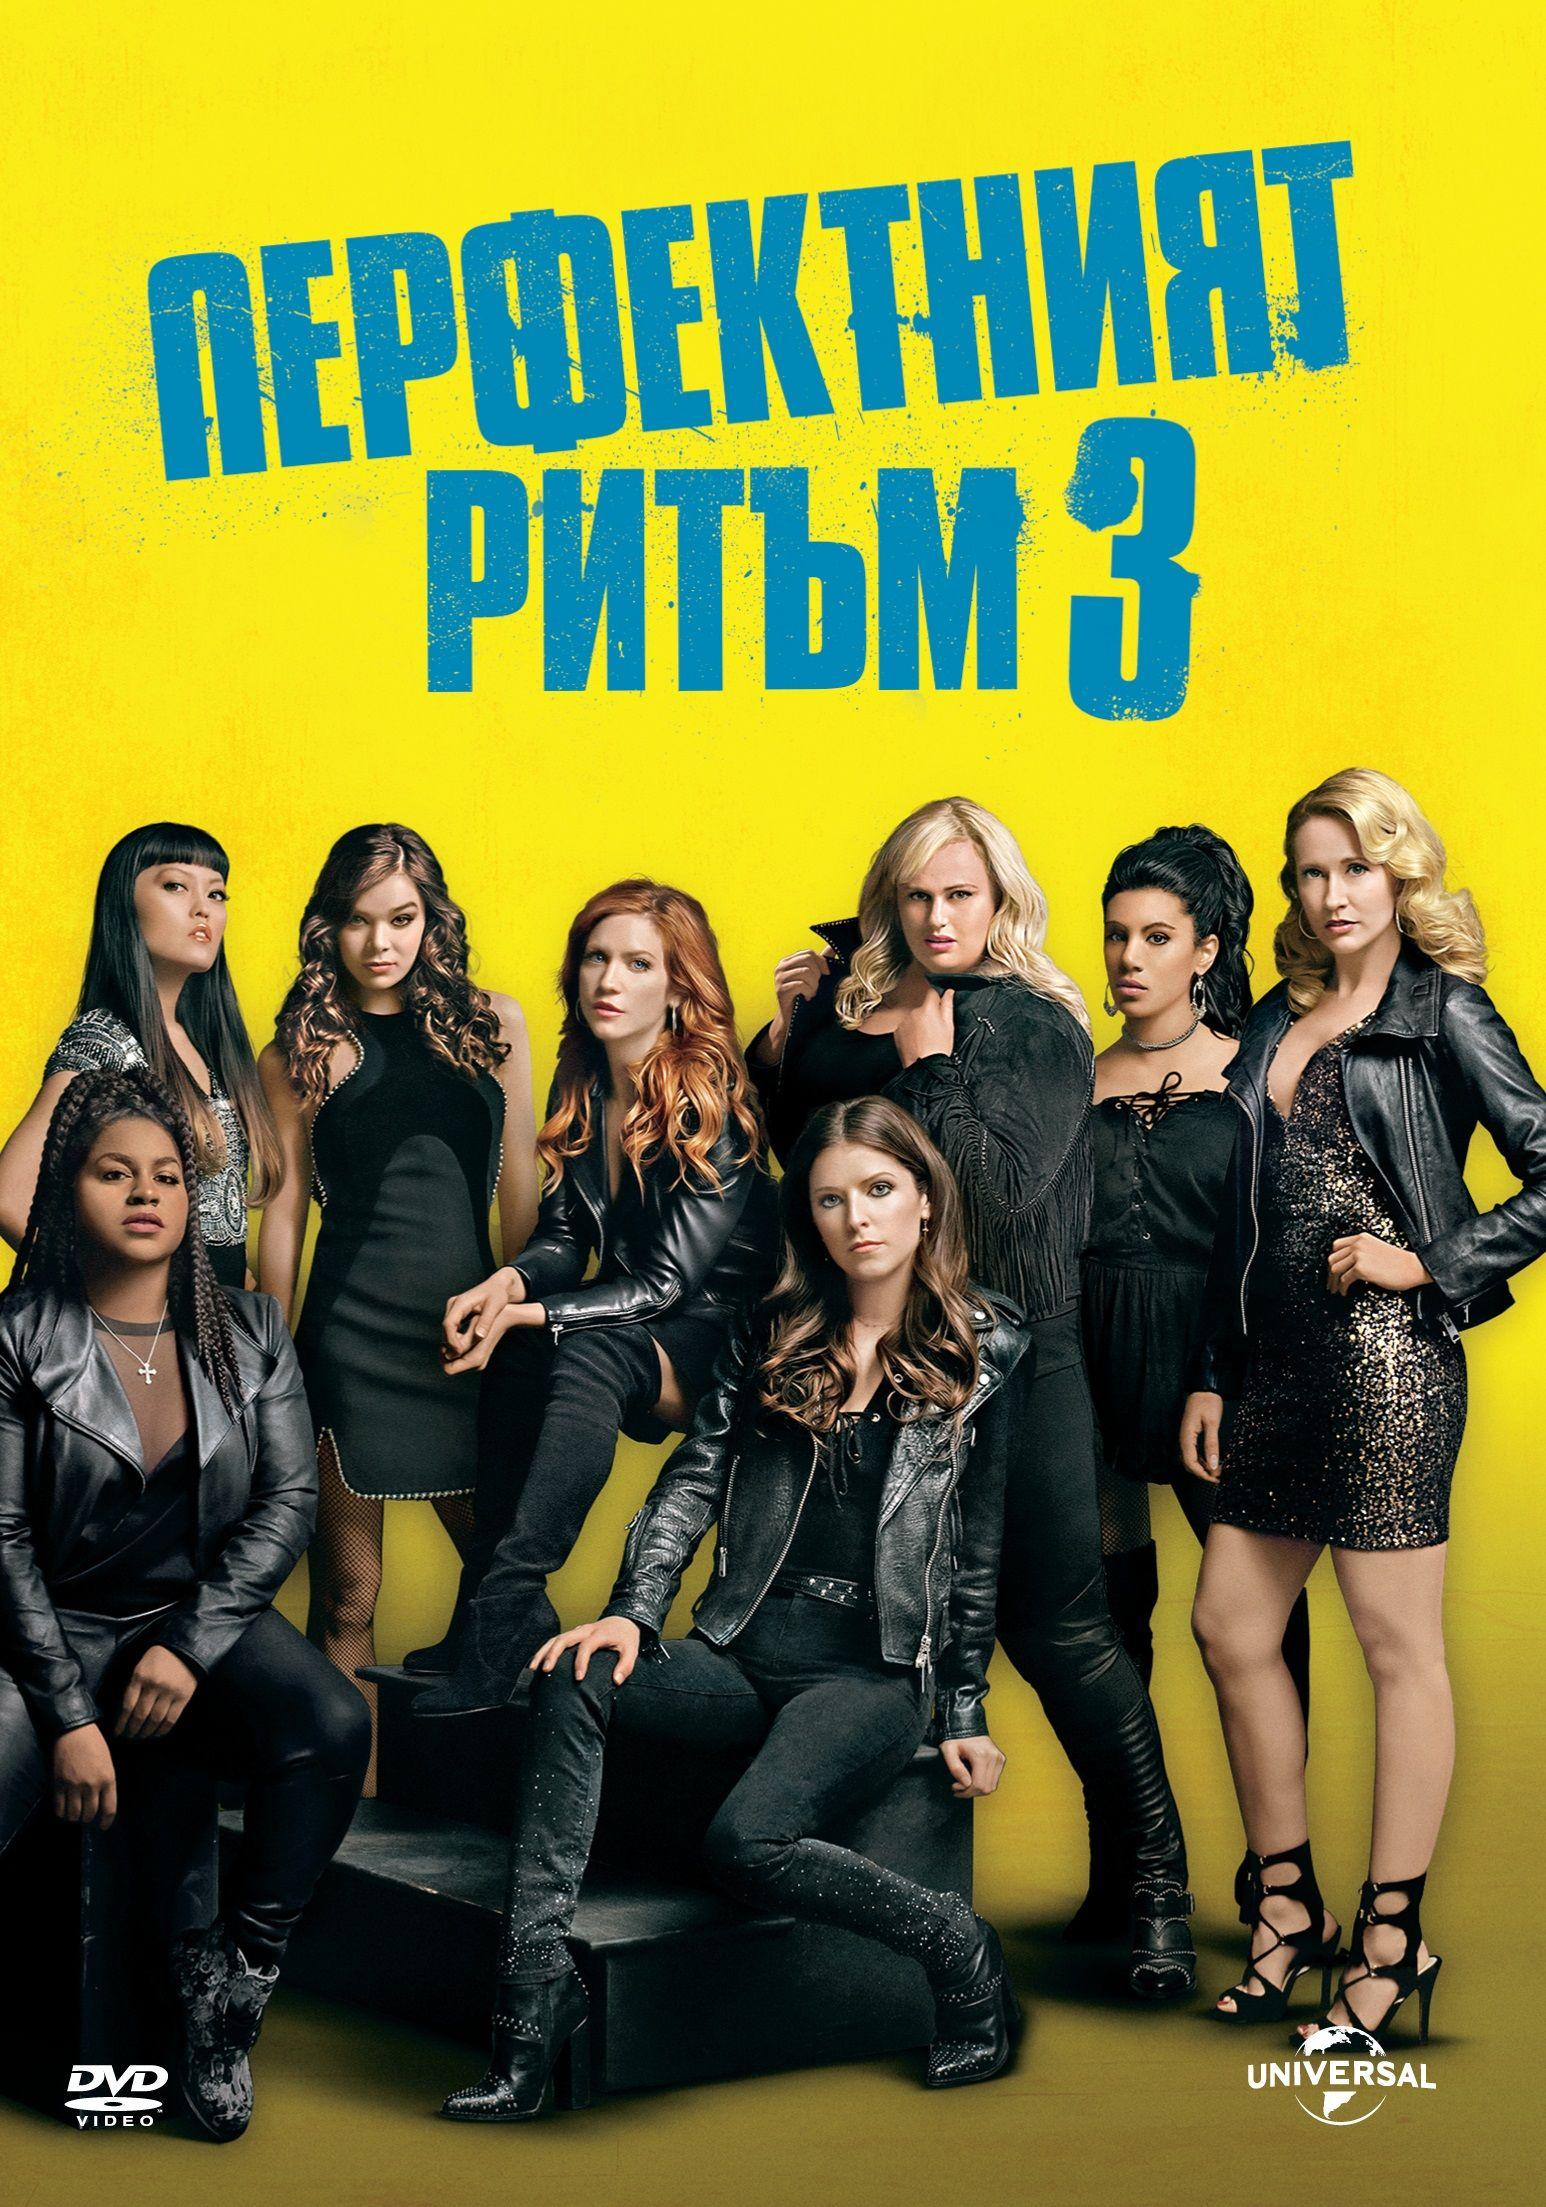 Перфектният ритъм 3 (DVD) - 1